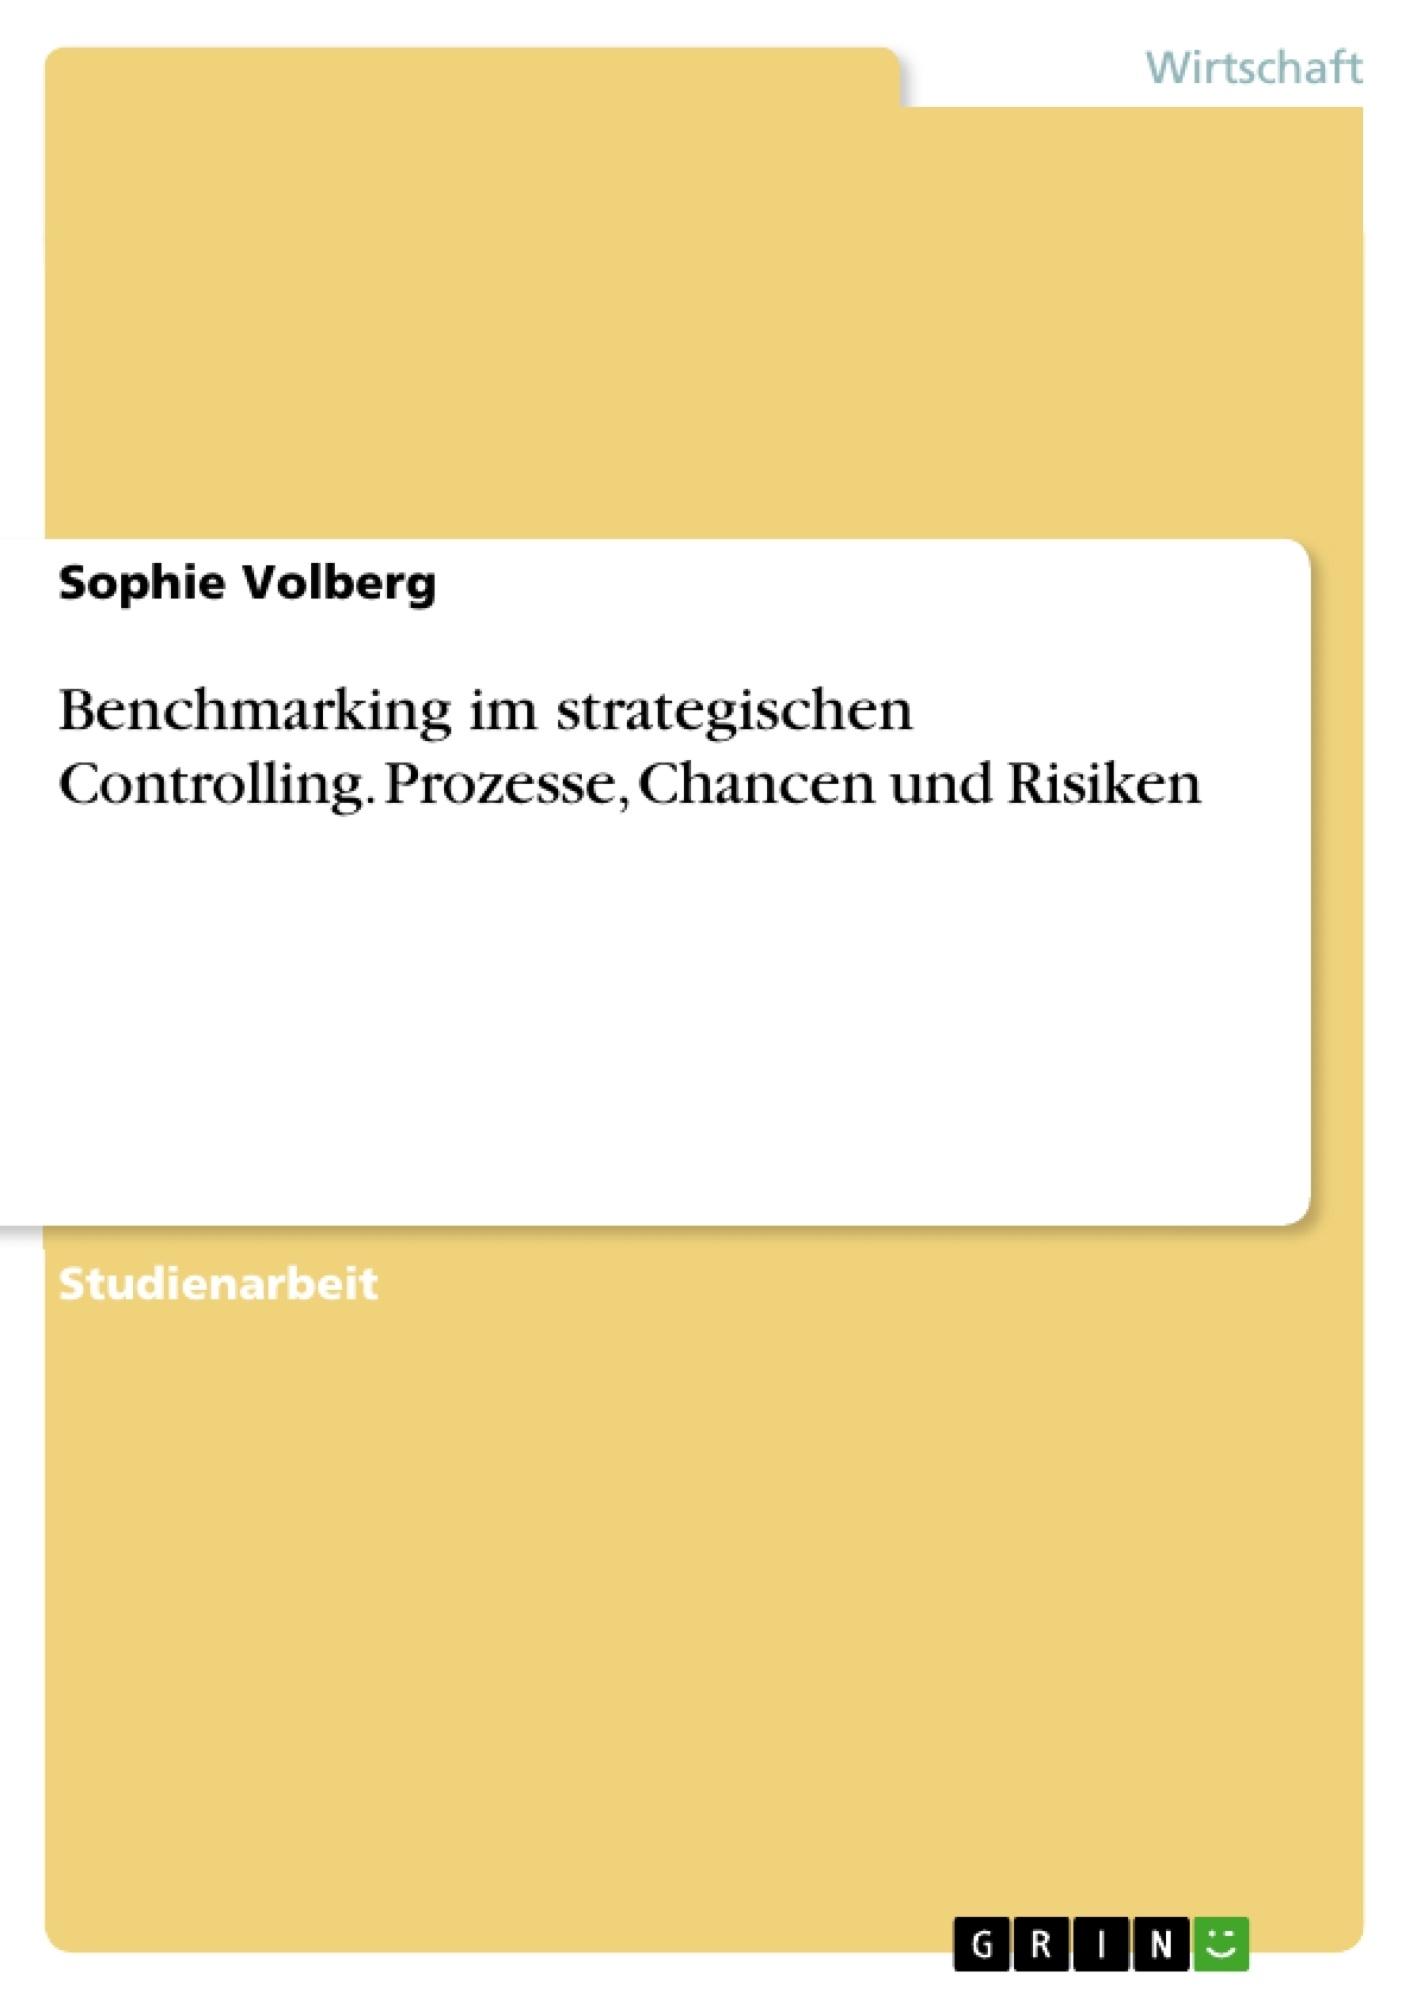 Titel: Benchmarking im strategischen Controlling. Prozesse, Chancen und Risiken